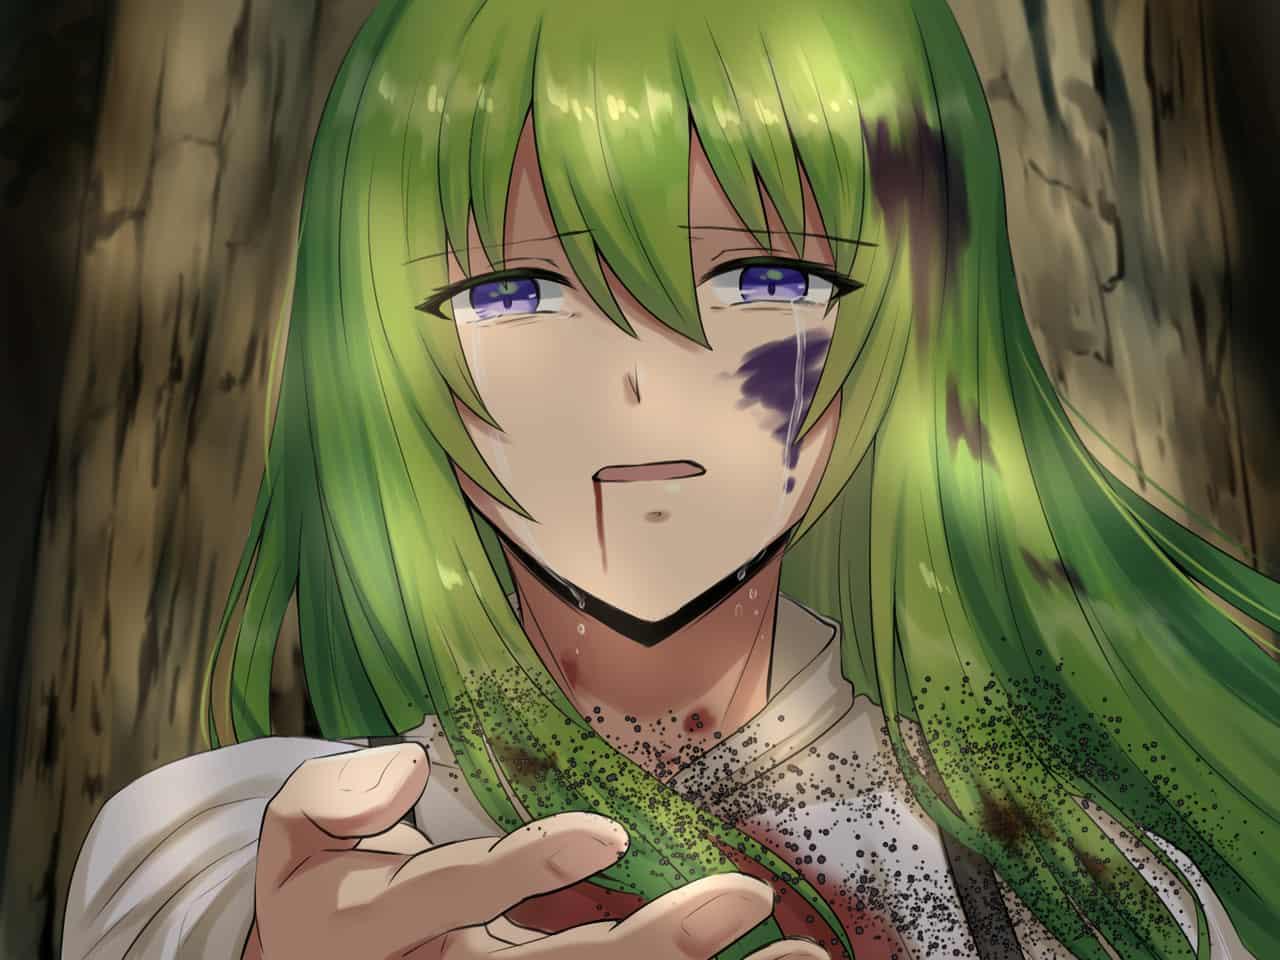 ありがとう Illust of 蒼龍えど キングゥ Fate 金固 Fate/GrandOrder